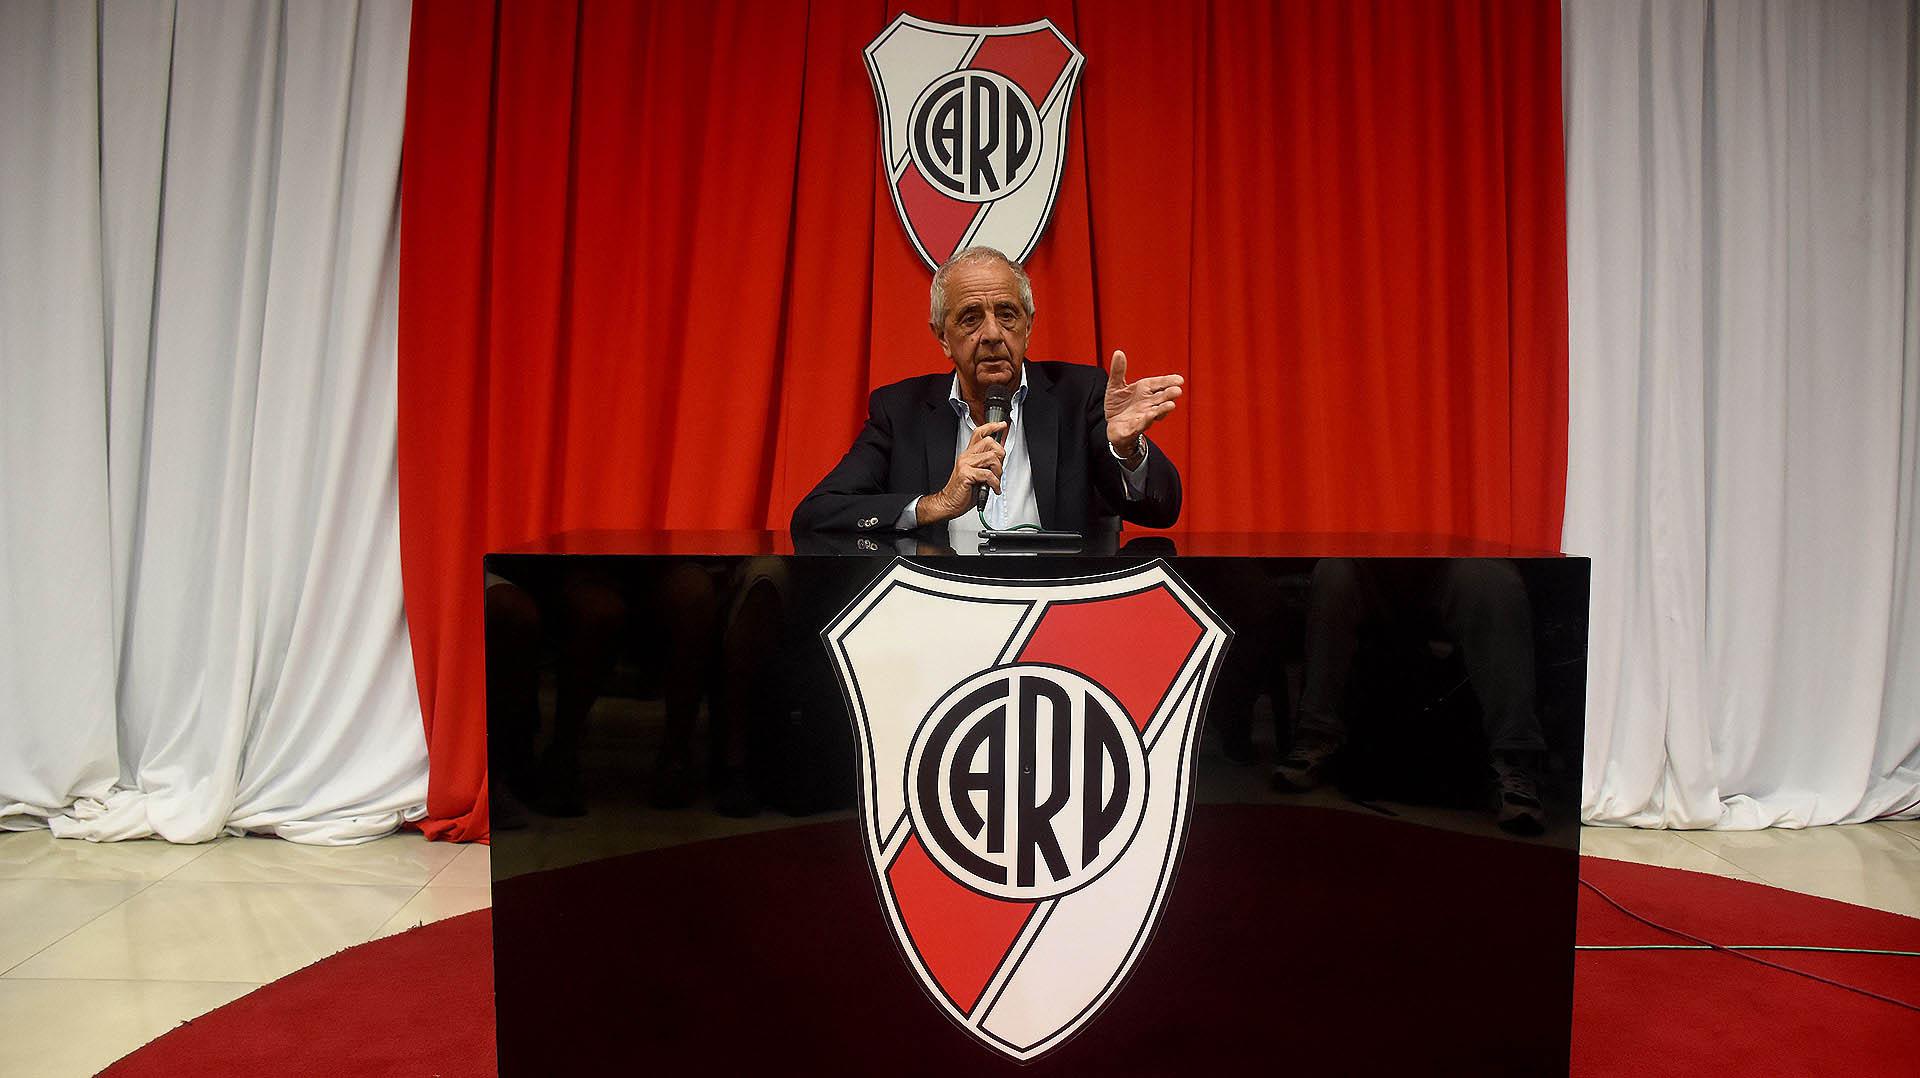 El presidente de River, Jorge Donofrio (Foto: Nicolás Stulberg)